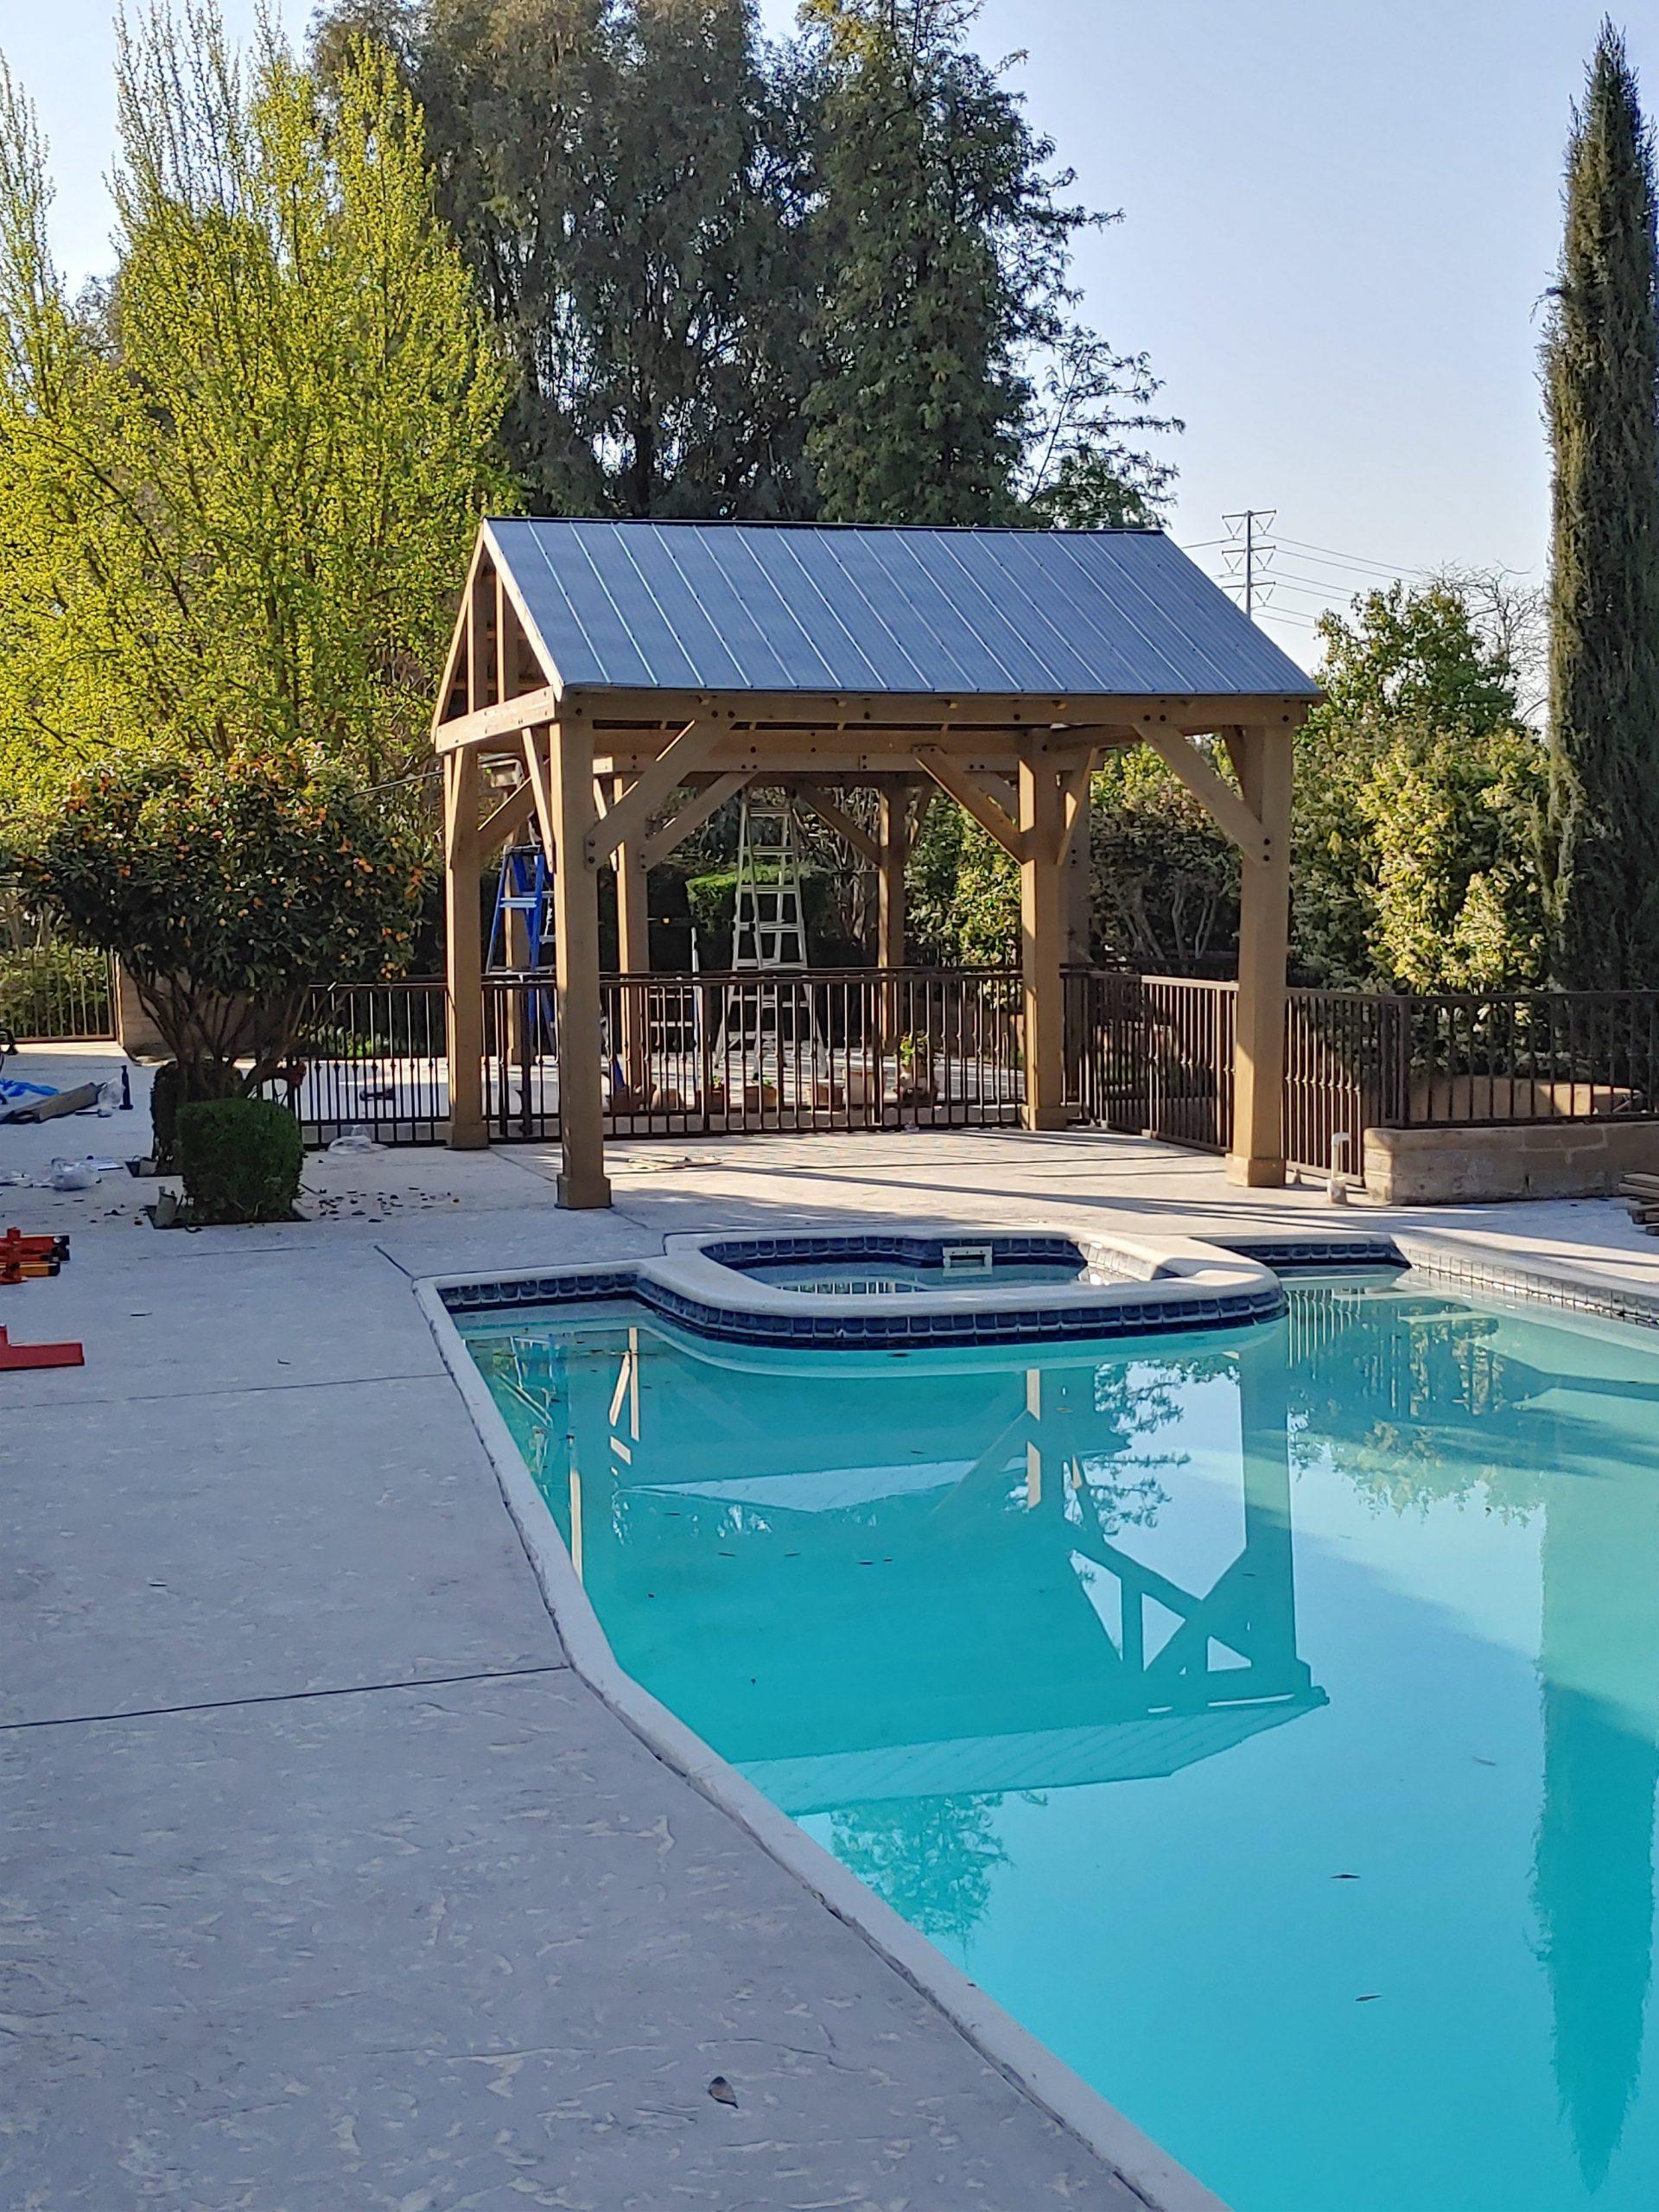 Hot Tub and Poolside Gazebo